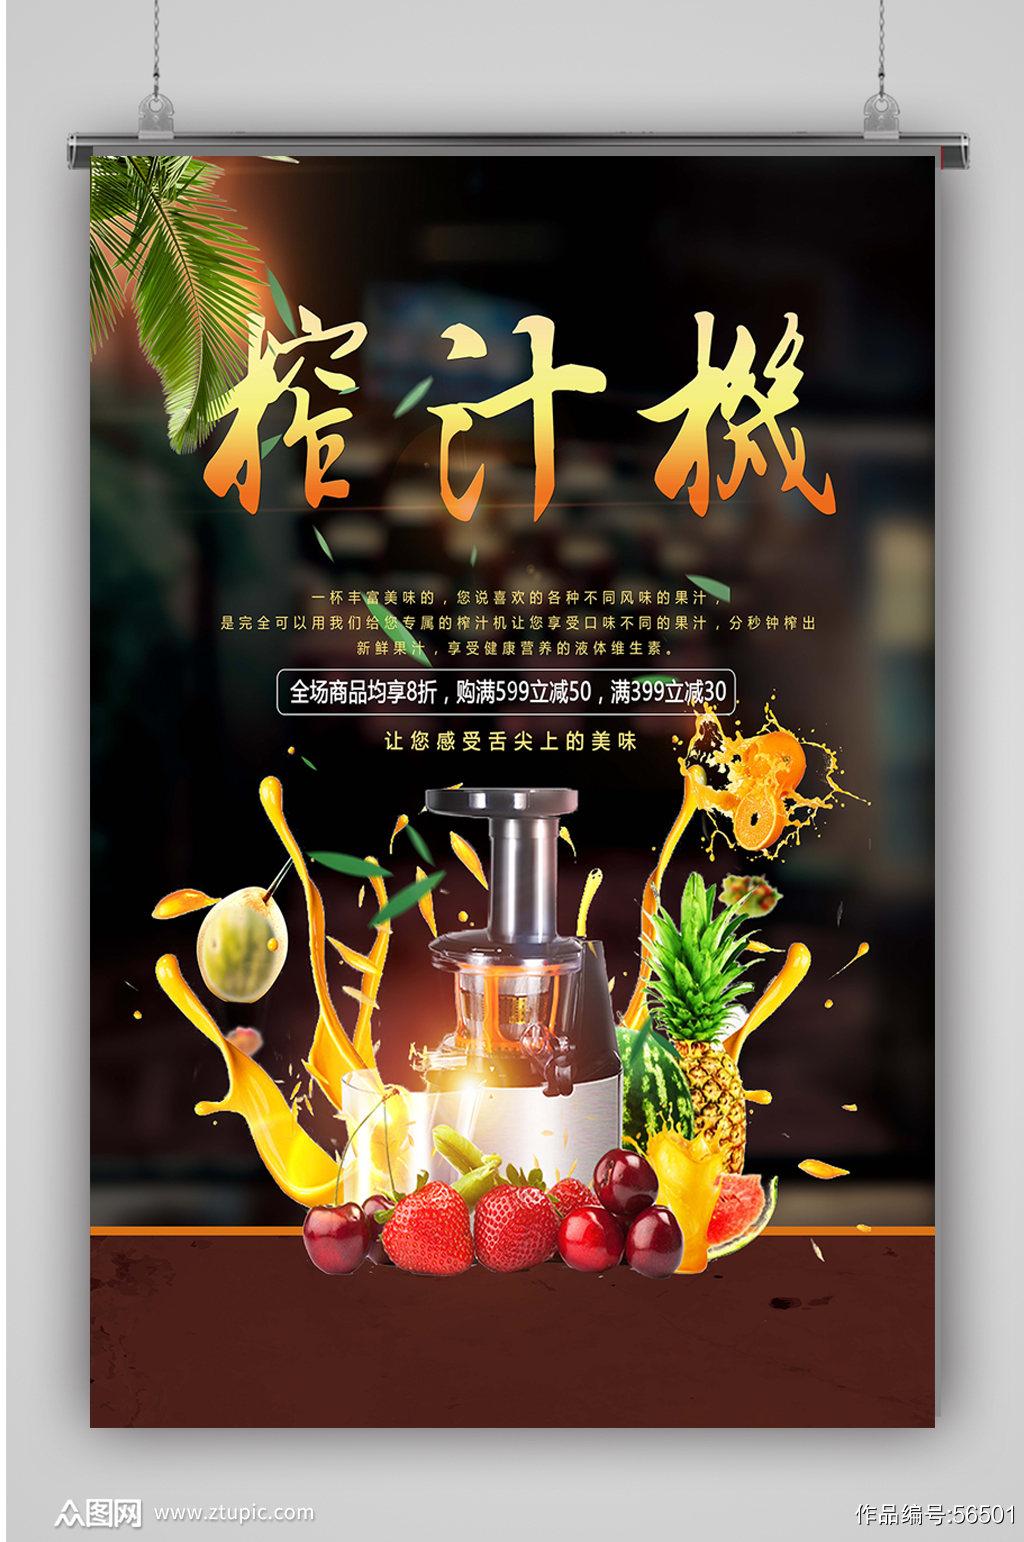 鲜果榨汁机海报素材